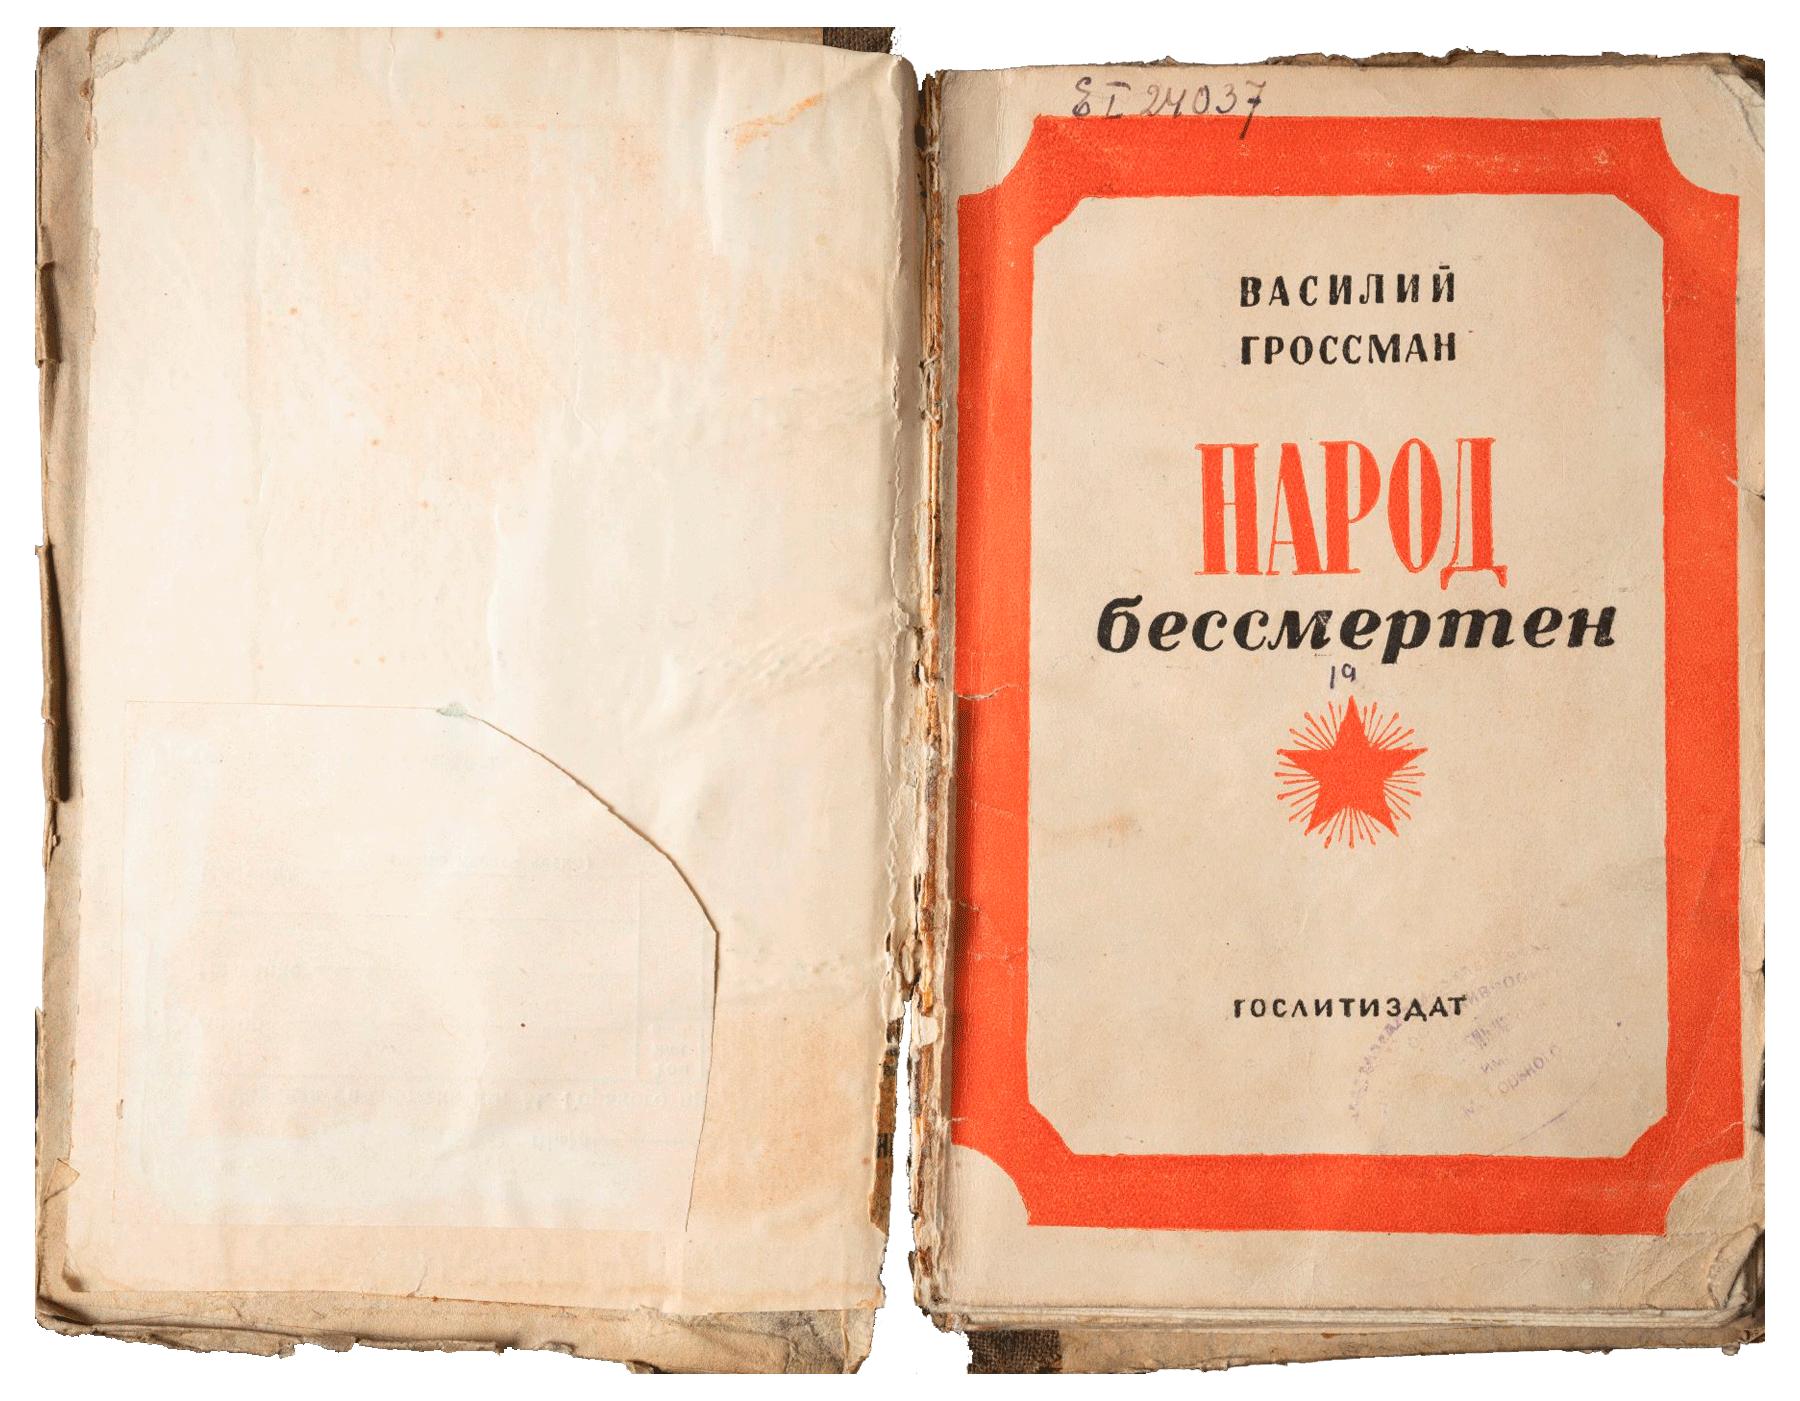 Изданная в 1942 году повесть специального военного корреспондента газеты «Красная Звезда» Василия Семеновича Гроссмана стала первым большим произведением о войне, повествующим о её первых днях, о героизме советских солдат